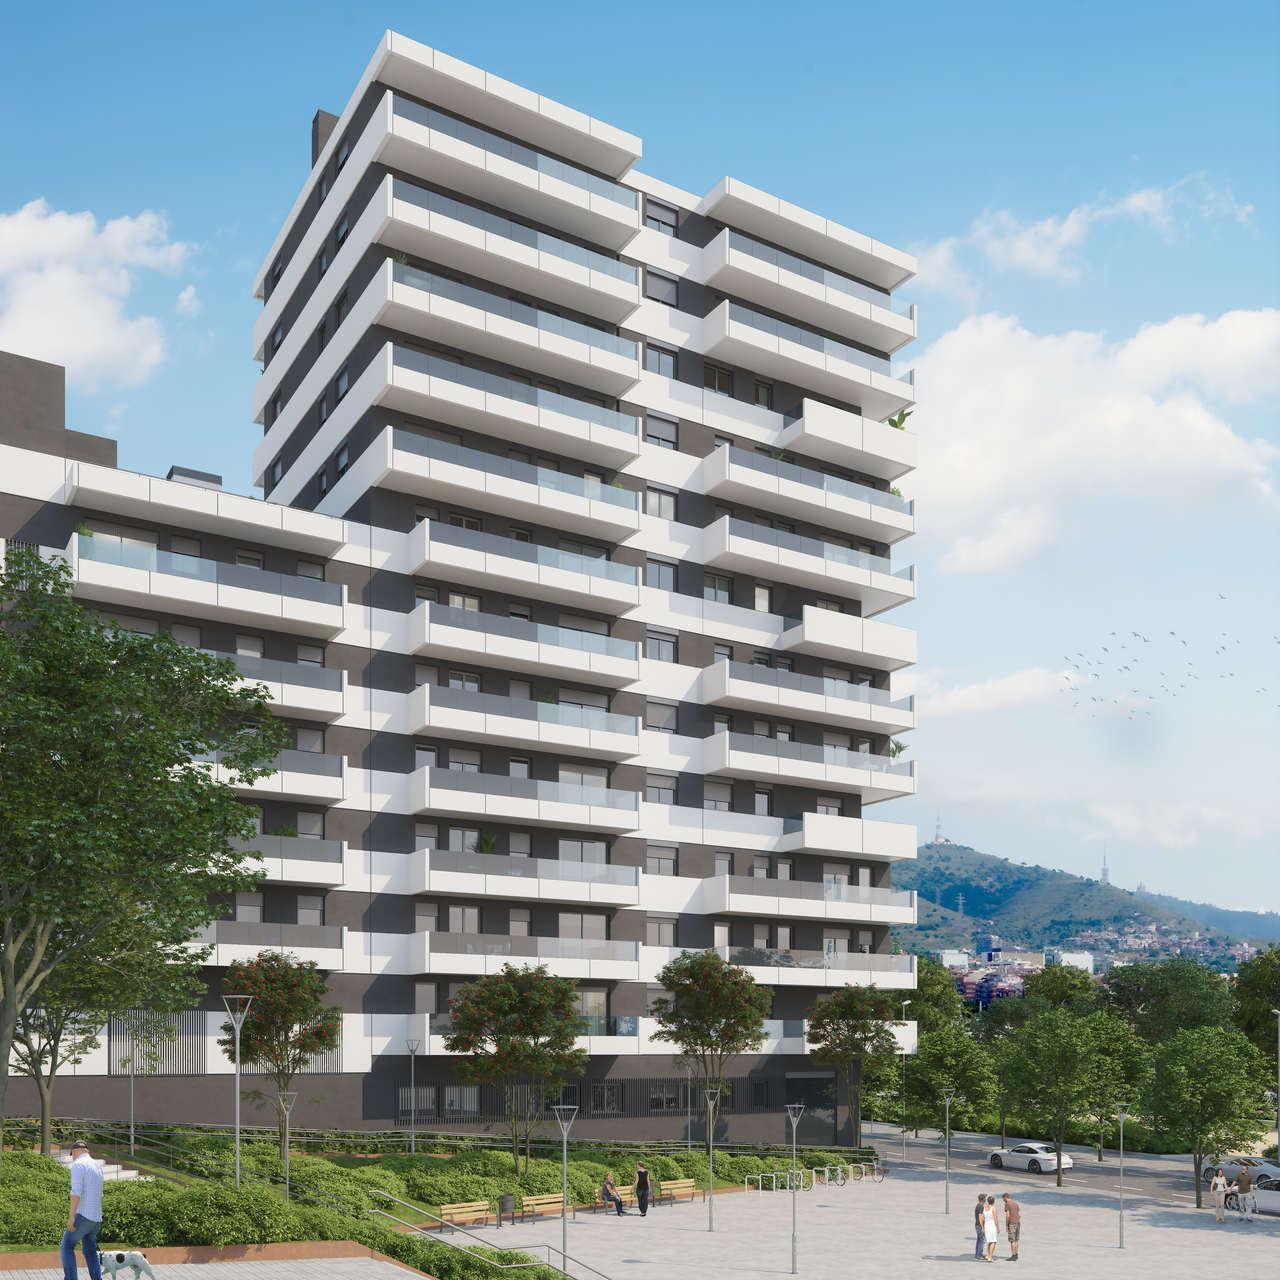 Edificio de la promocion Torre Estronci 81 de AEDAS Homes en Hospitalet de Llobregat.